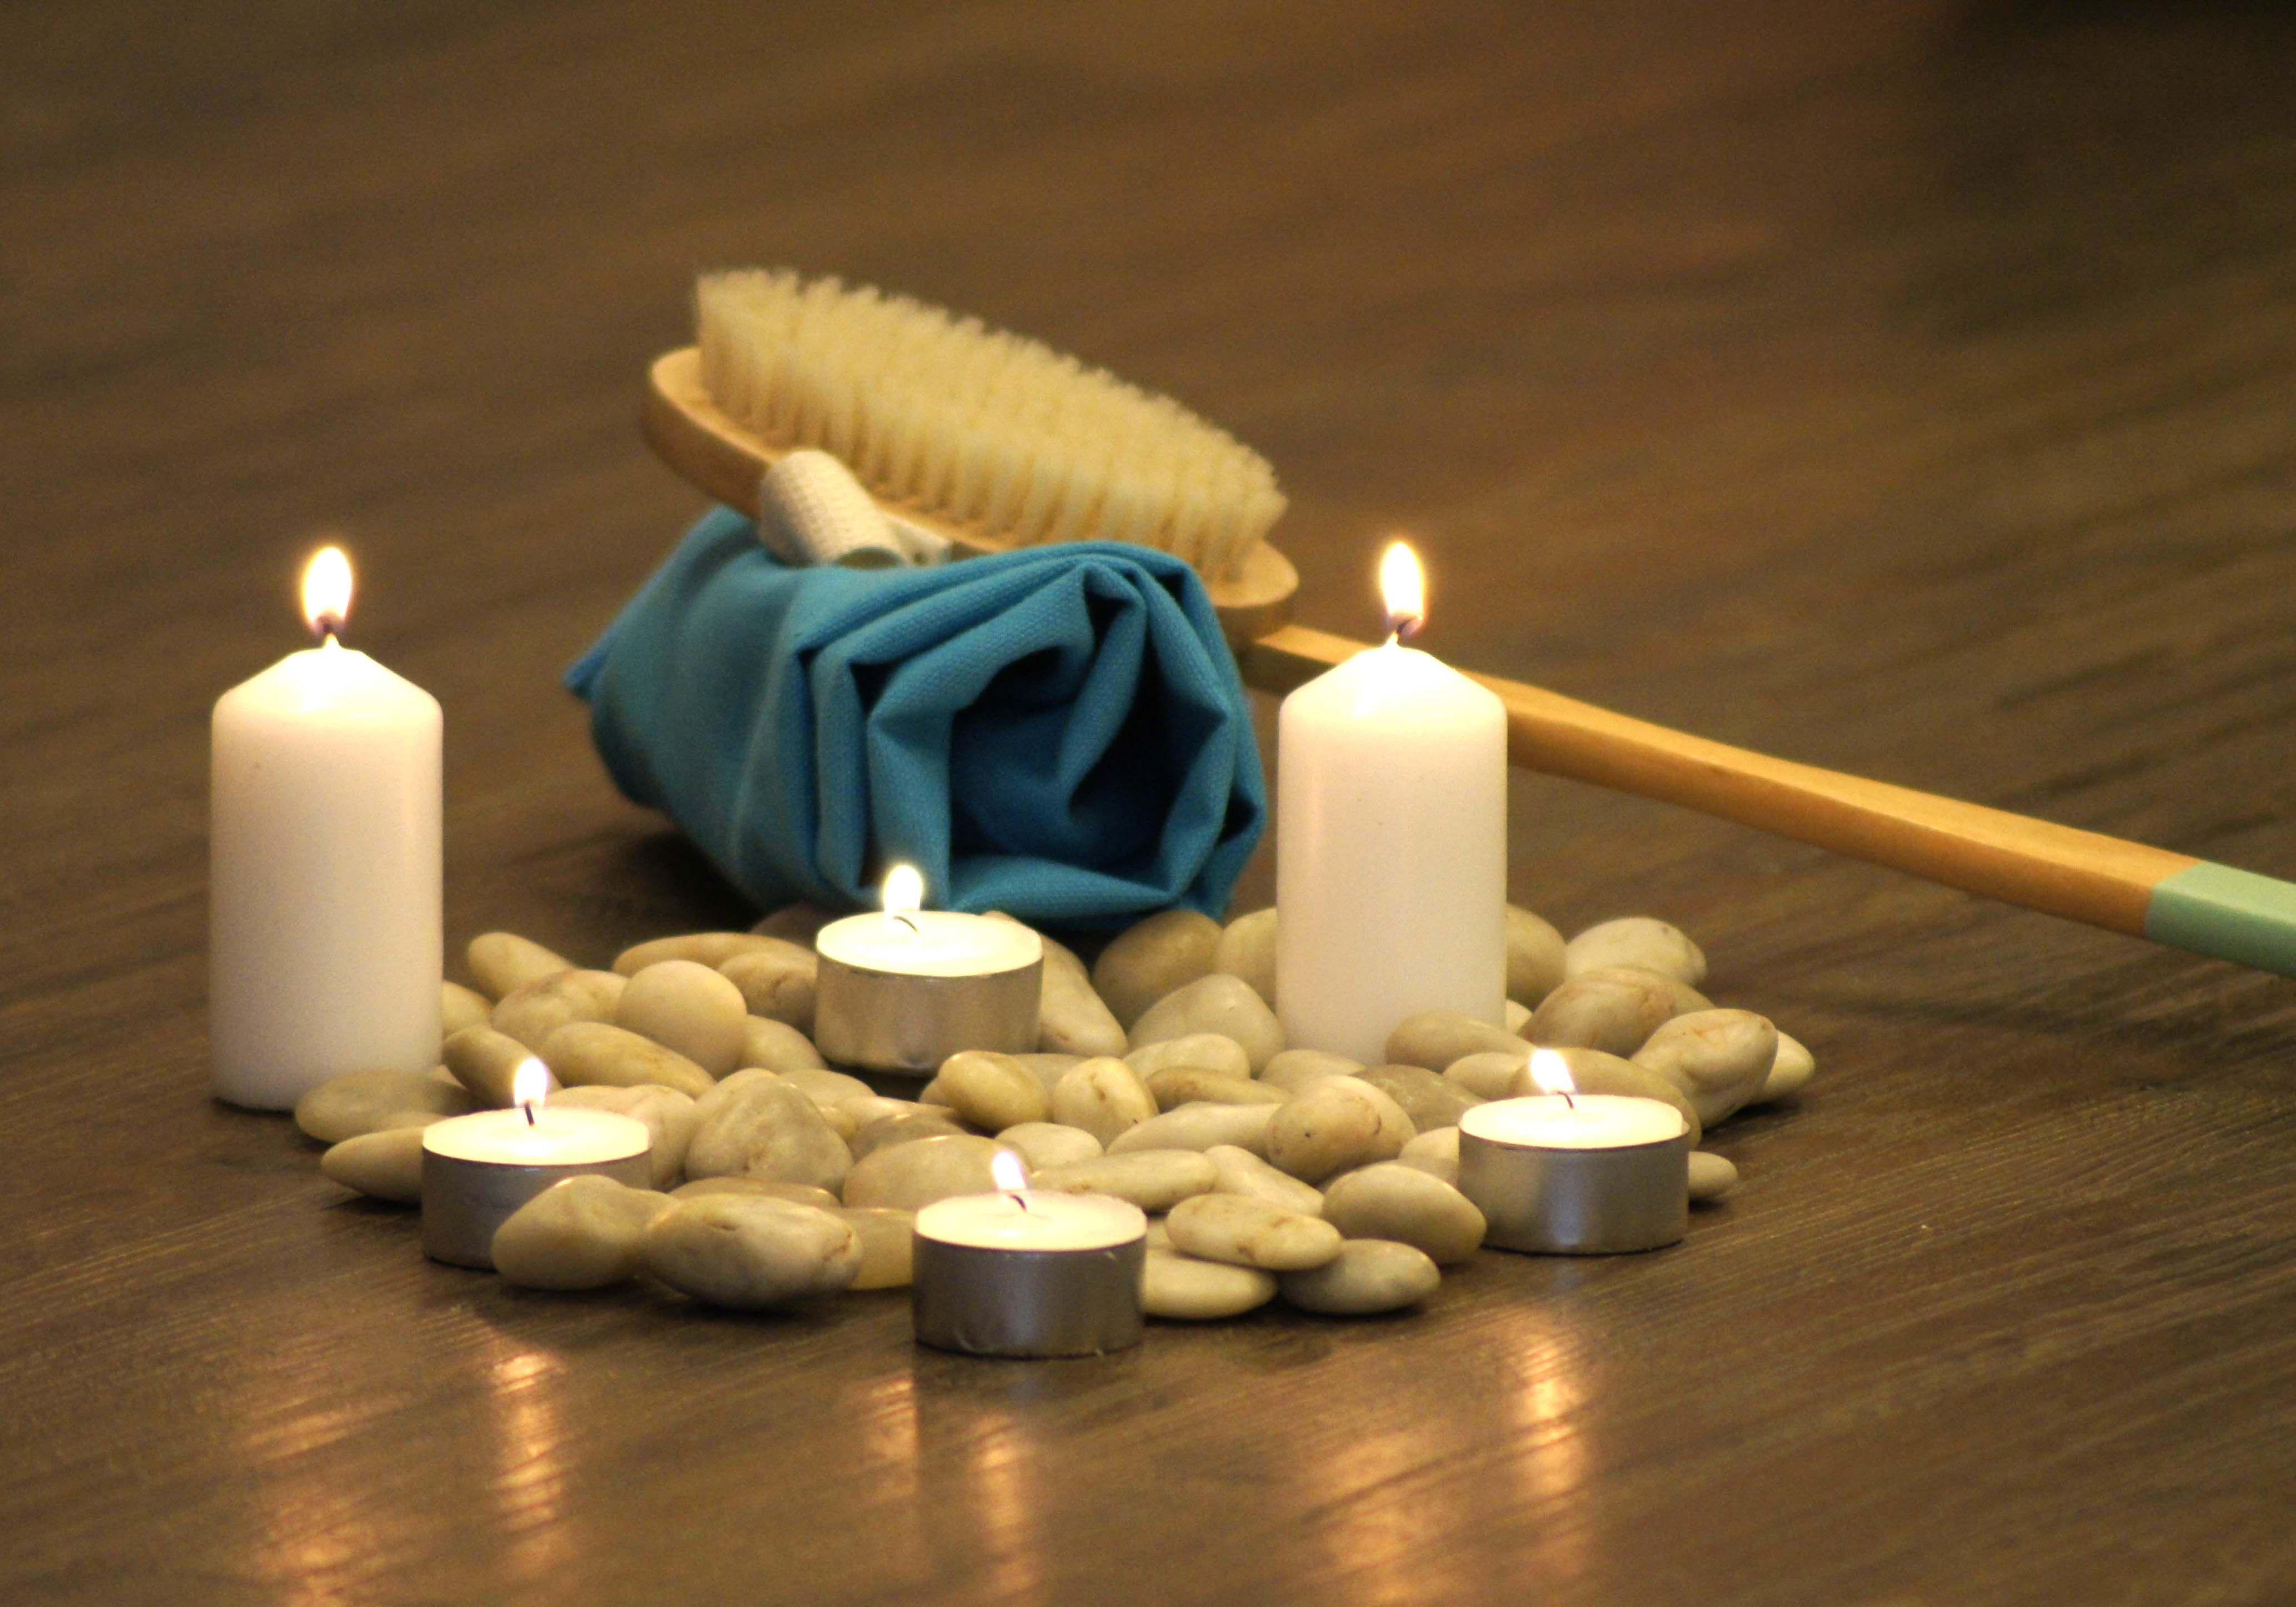 Raumideen über küchenschränken wellness candellight balthasarkerzen  impressions  pinterest